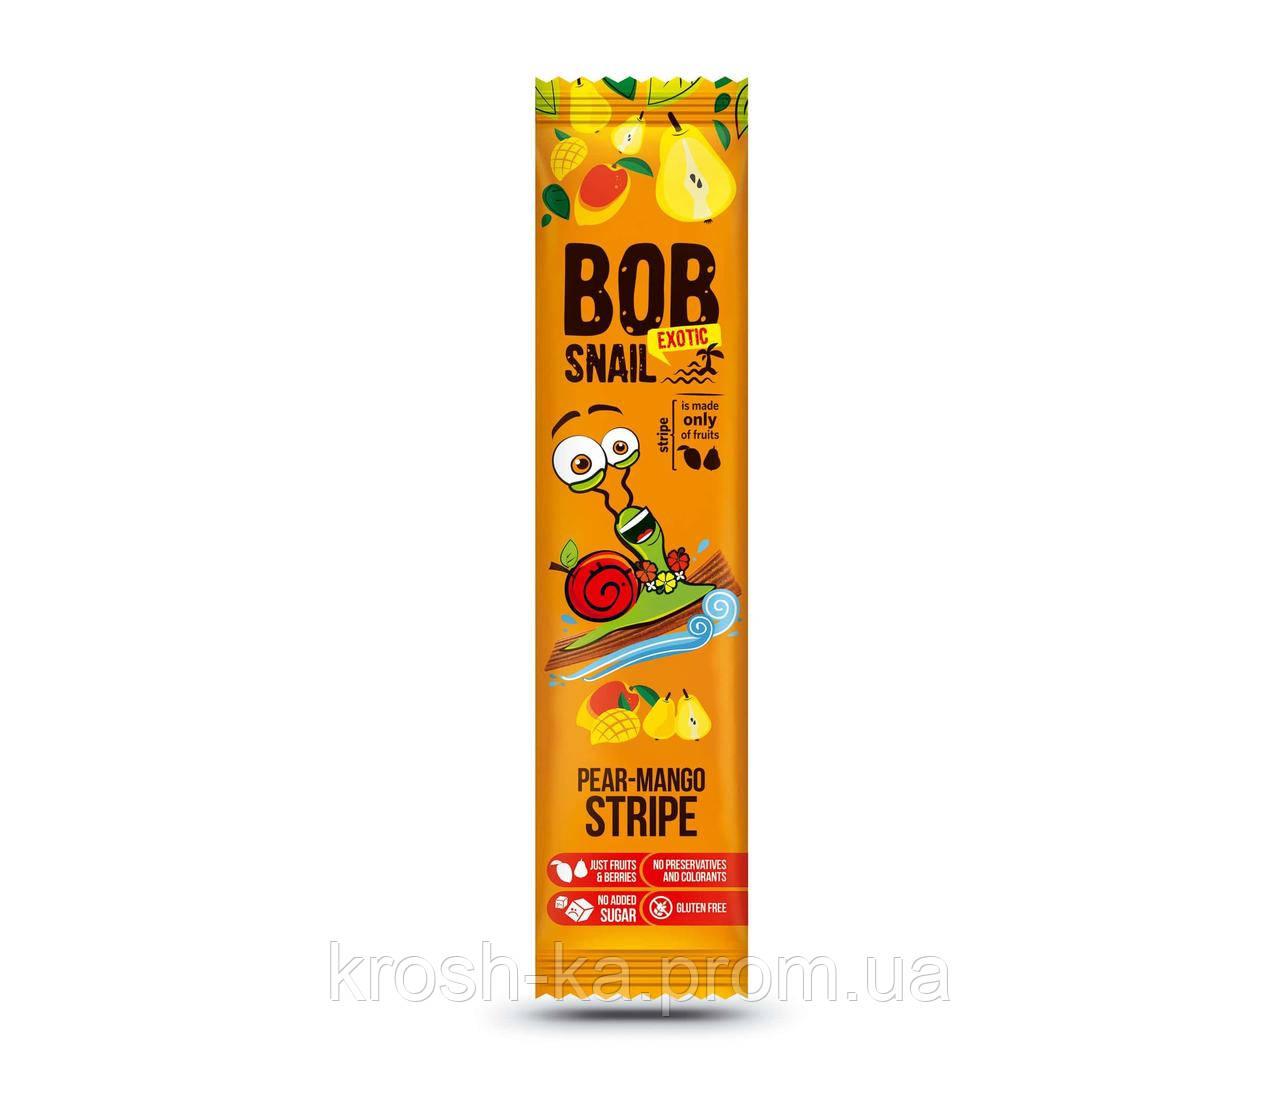 Страйпсы Bob Shail Равлик Боб груша-манго 14г Украина 1740455